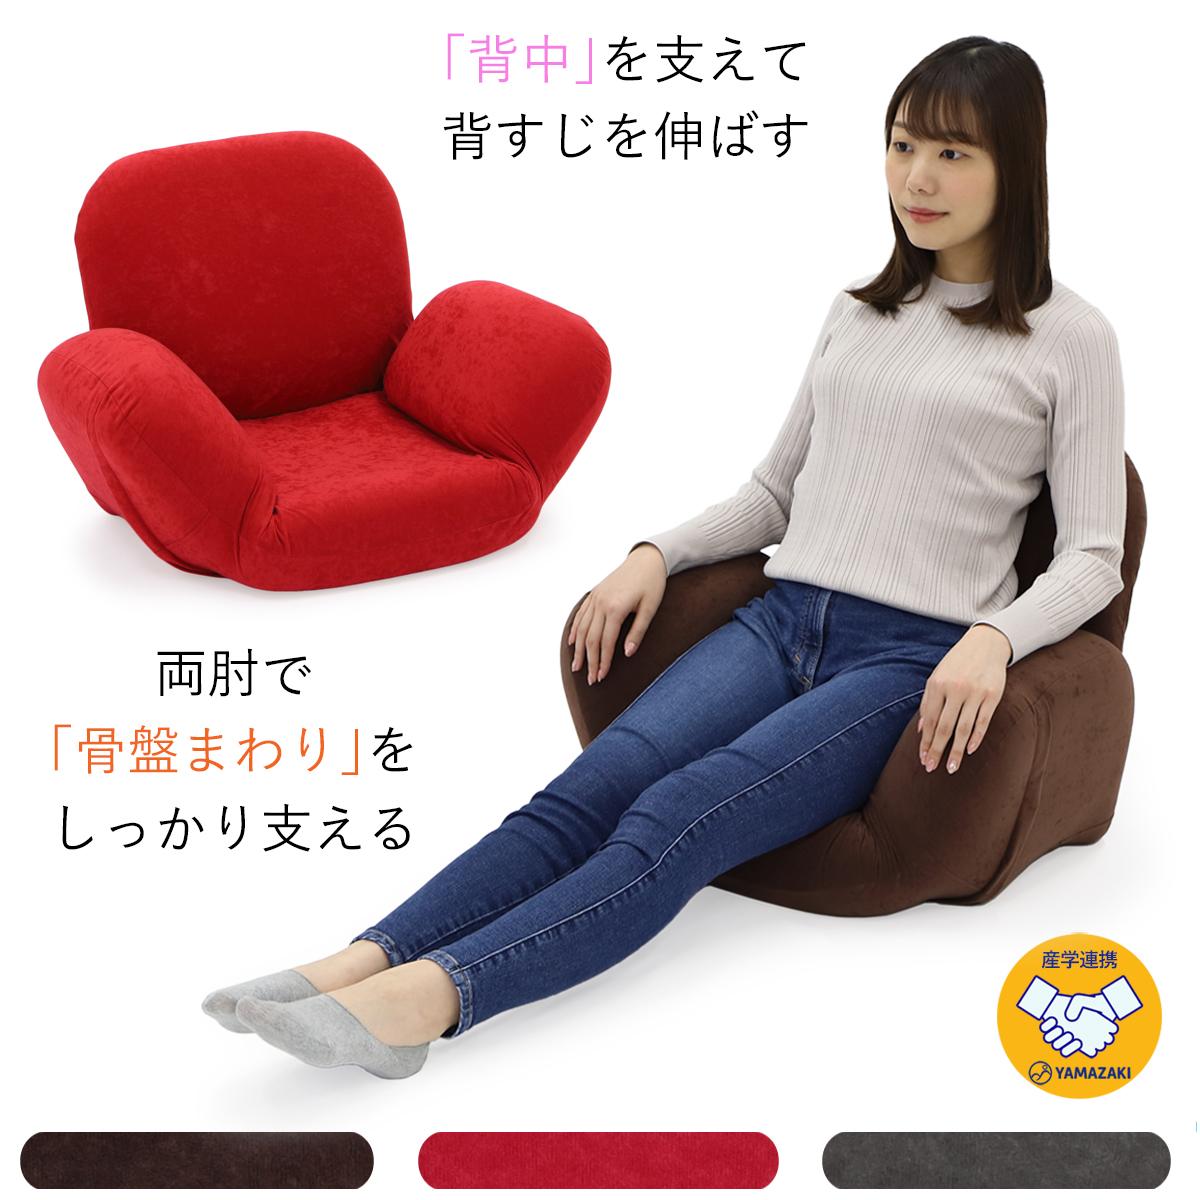 産学連携 美姿勢サポート座椅子 PC300(ヤマザキ) 【 座椅子 ざいす 座いす リクライニング 腰痛 日本製 姿勢 人気 おすすめ コンパクト】